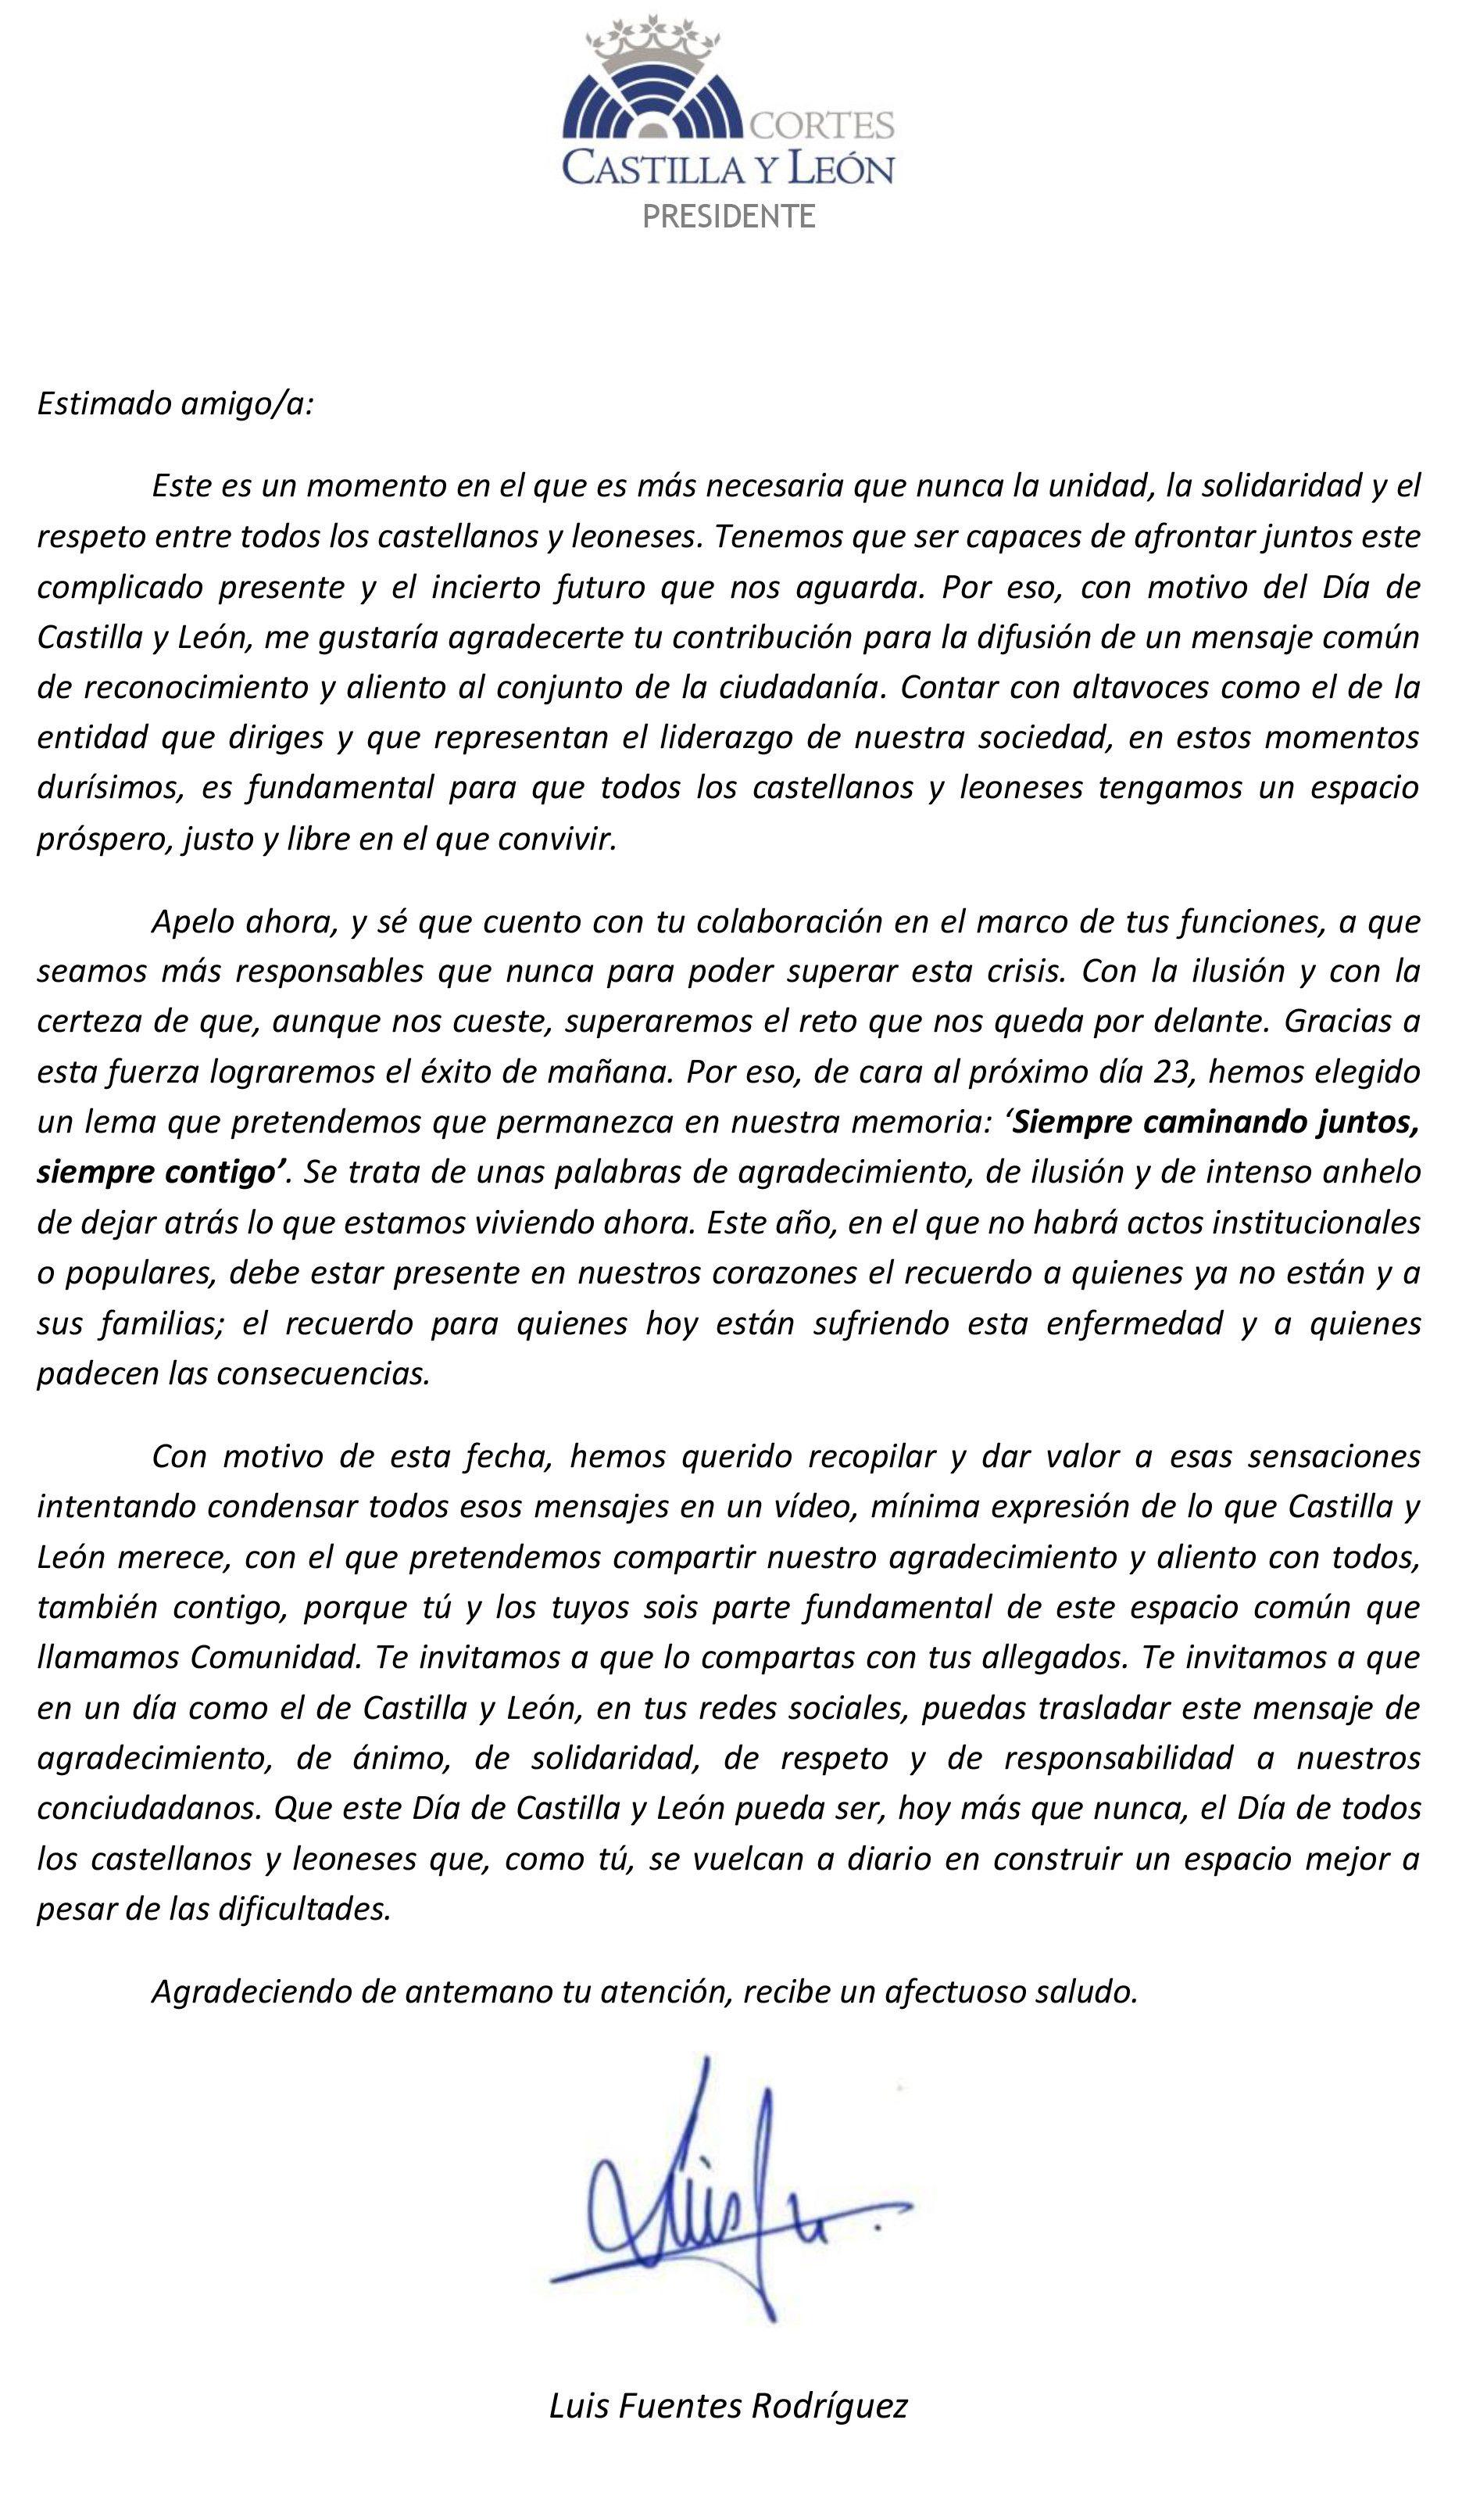 CARTA PRESIDENTE DE LAS CORTES CyL